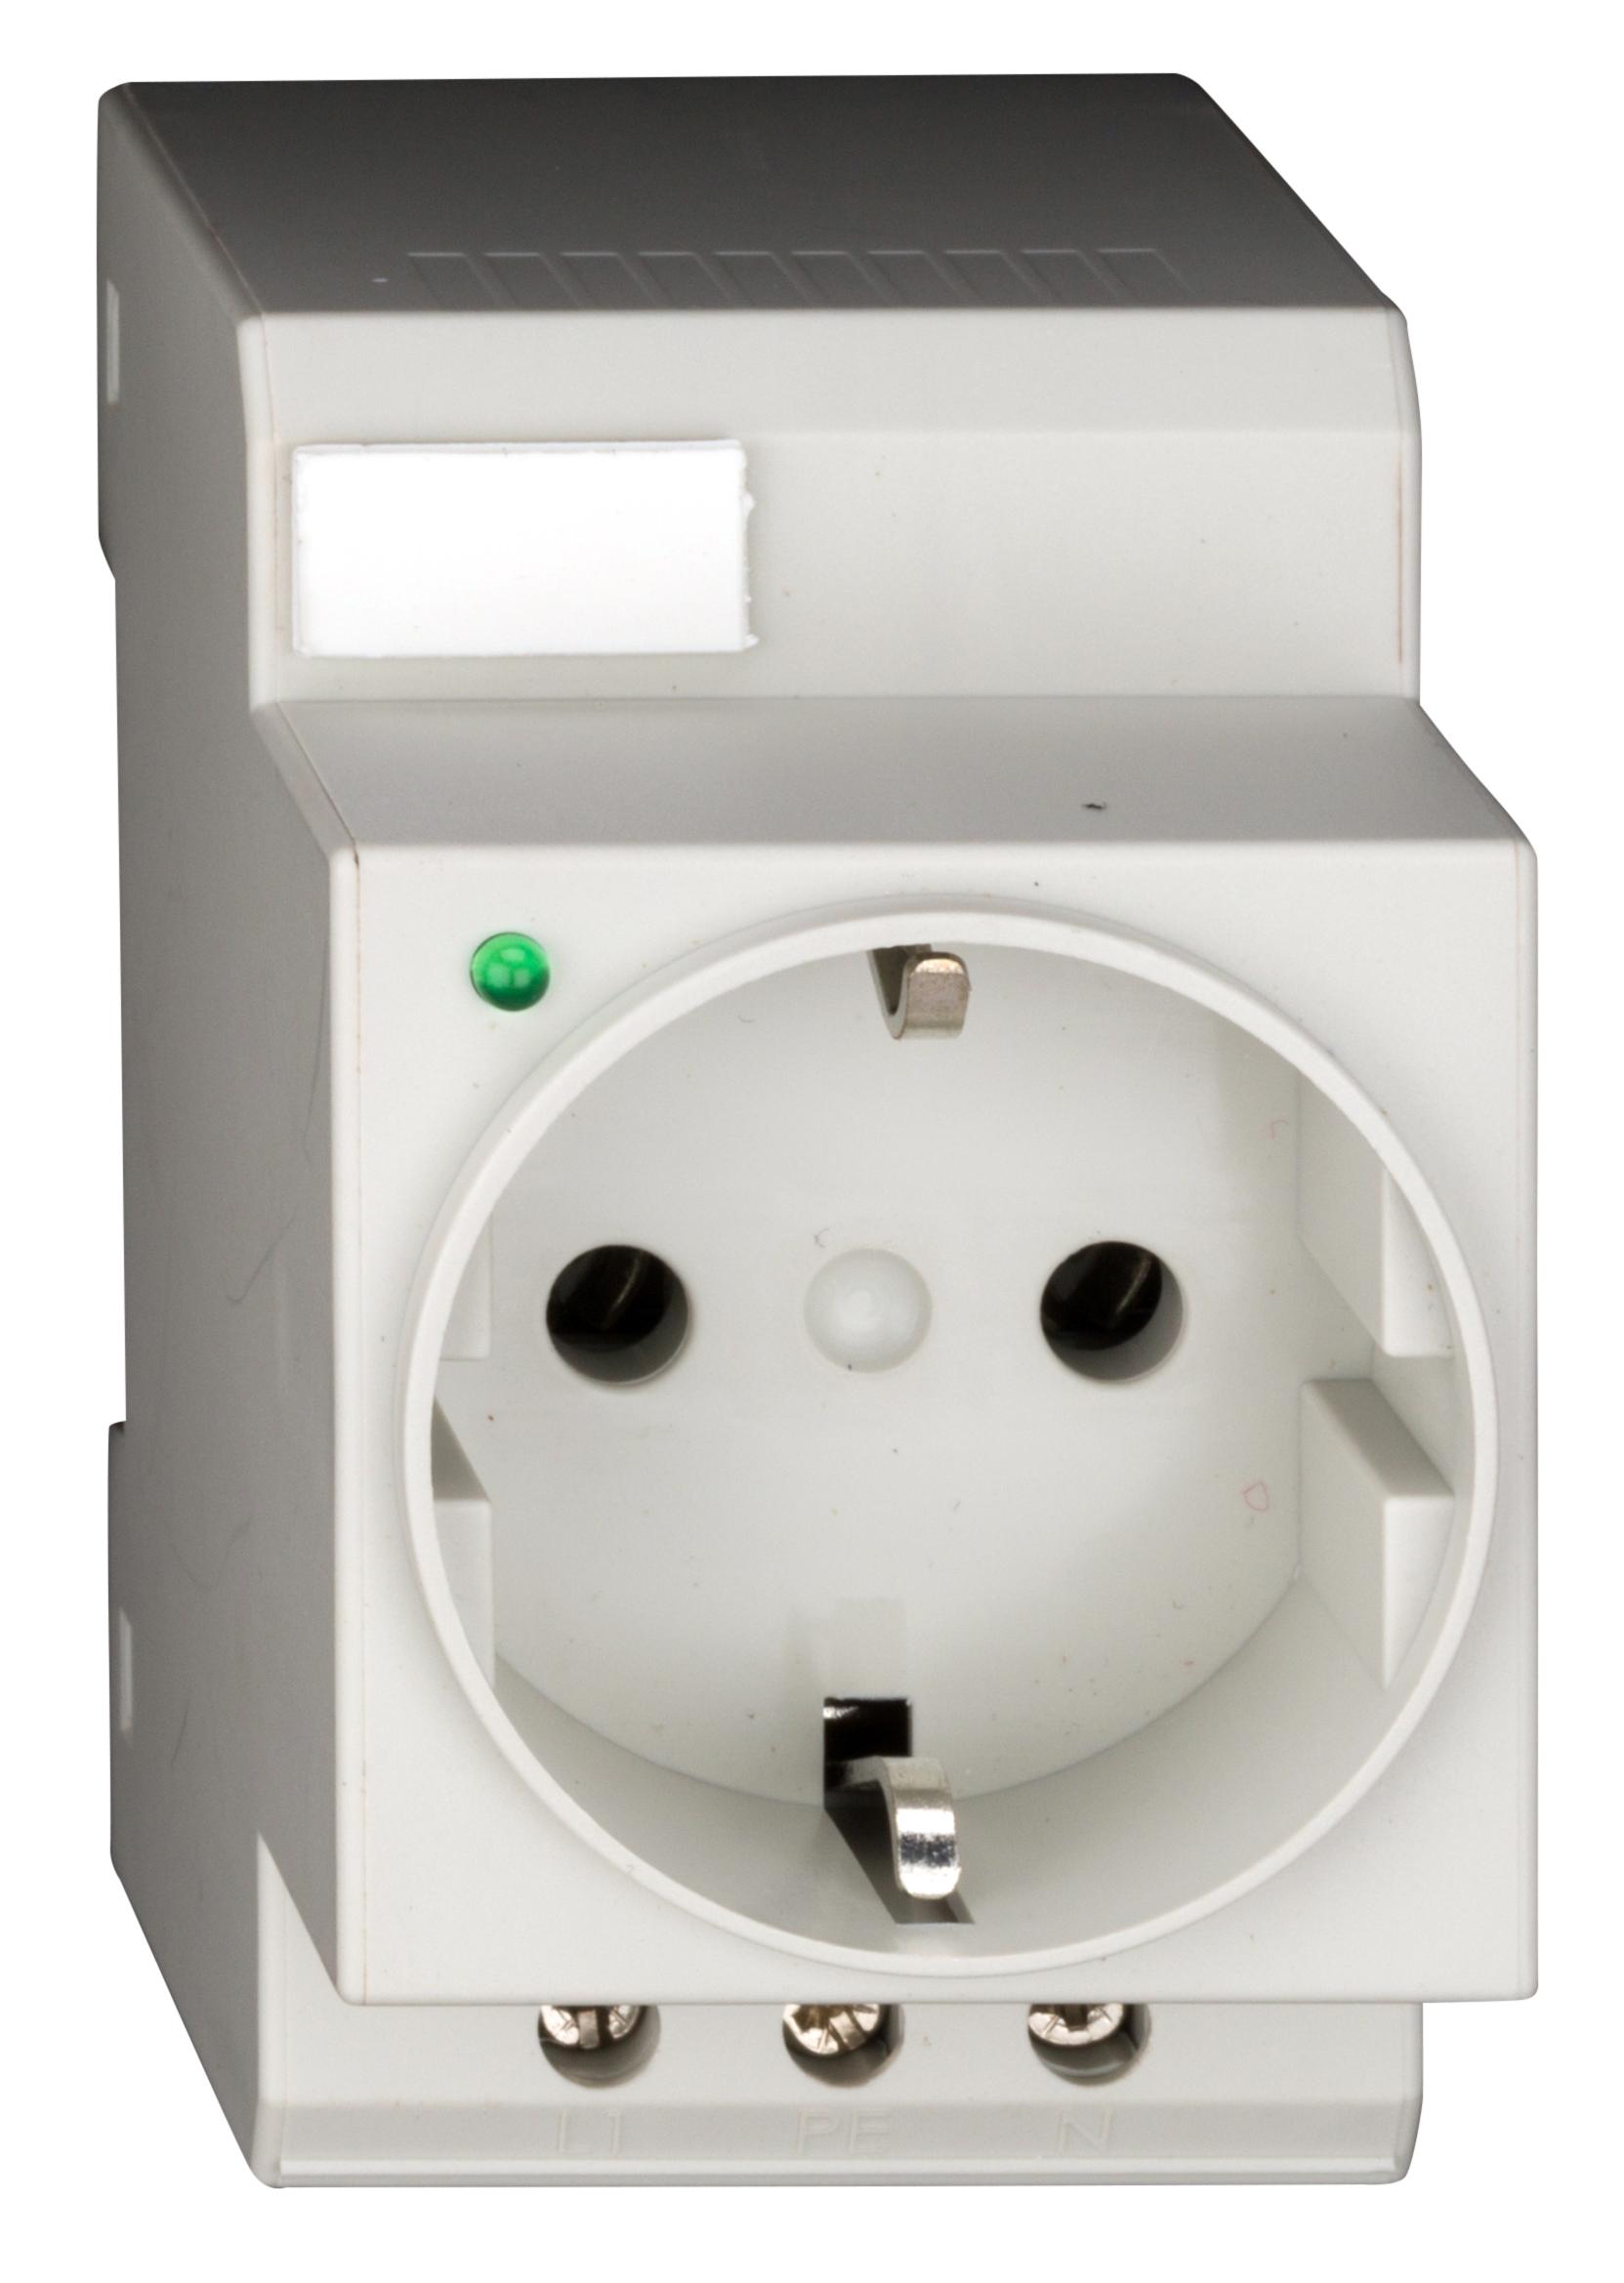 1 Stk Reiheneinbau-Schukosteckdose, mit LED und Schraubanschluss BZ325003--